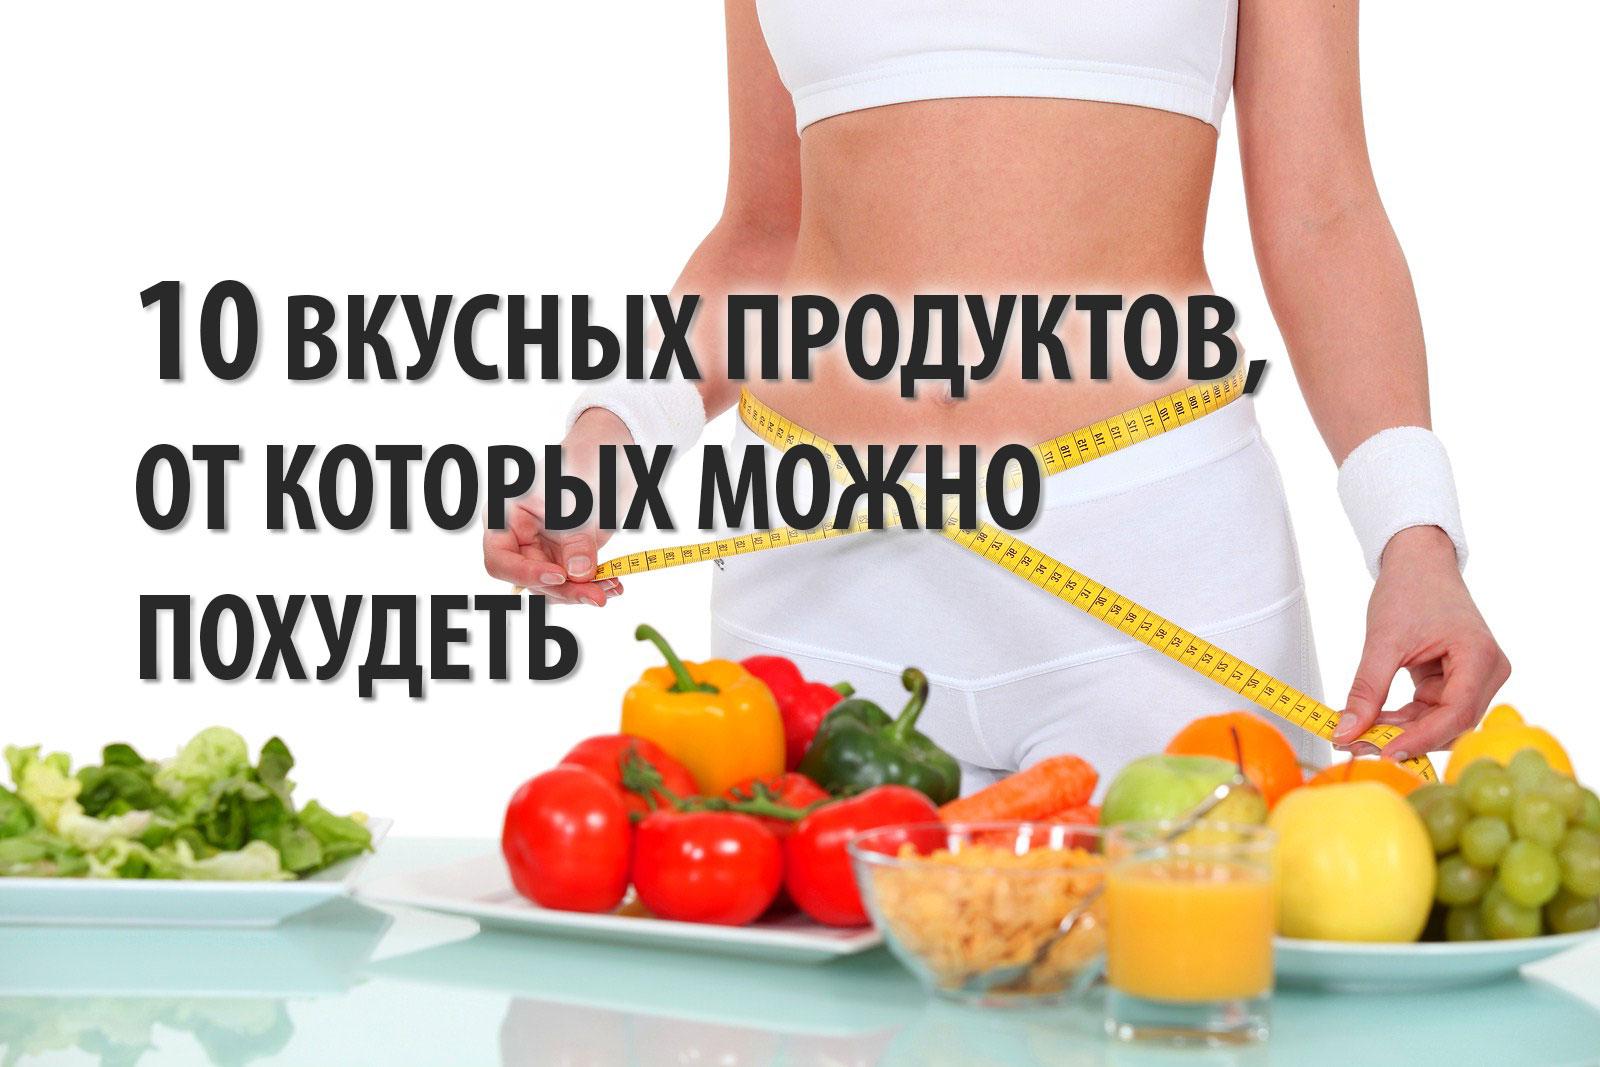 Продукты С Которых Можно Похудеть.